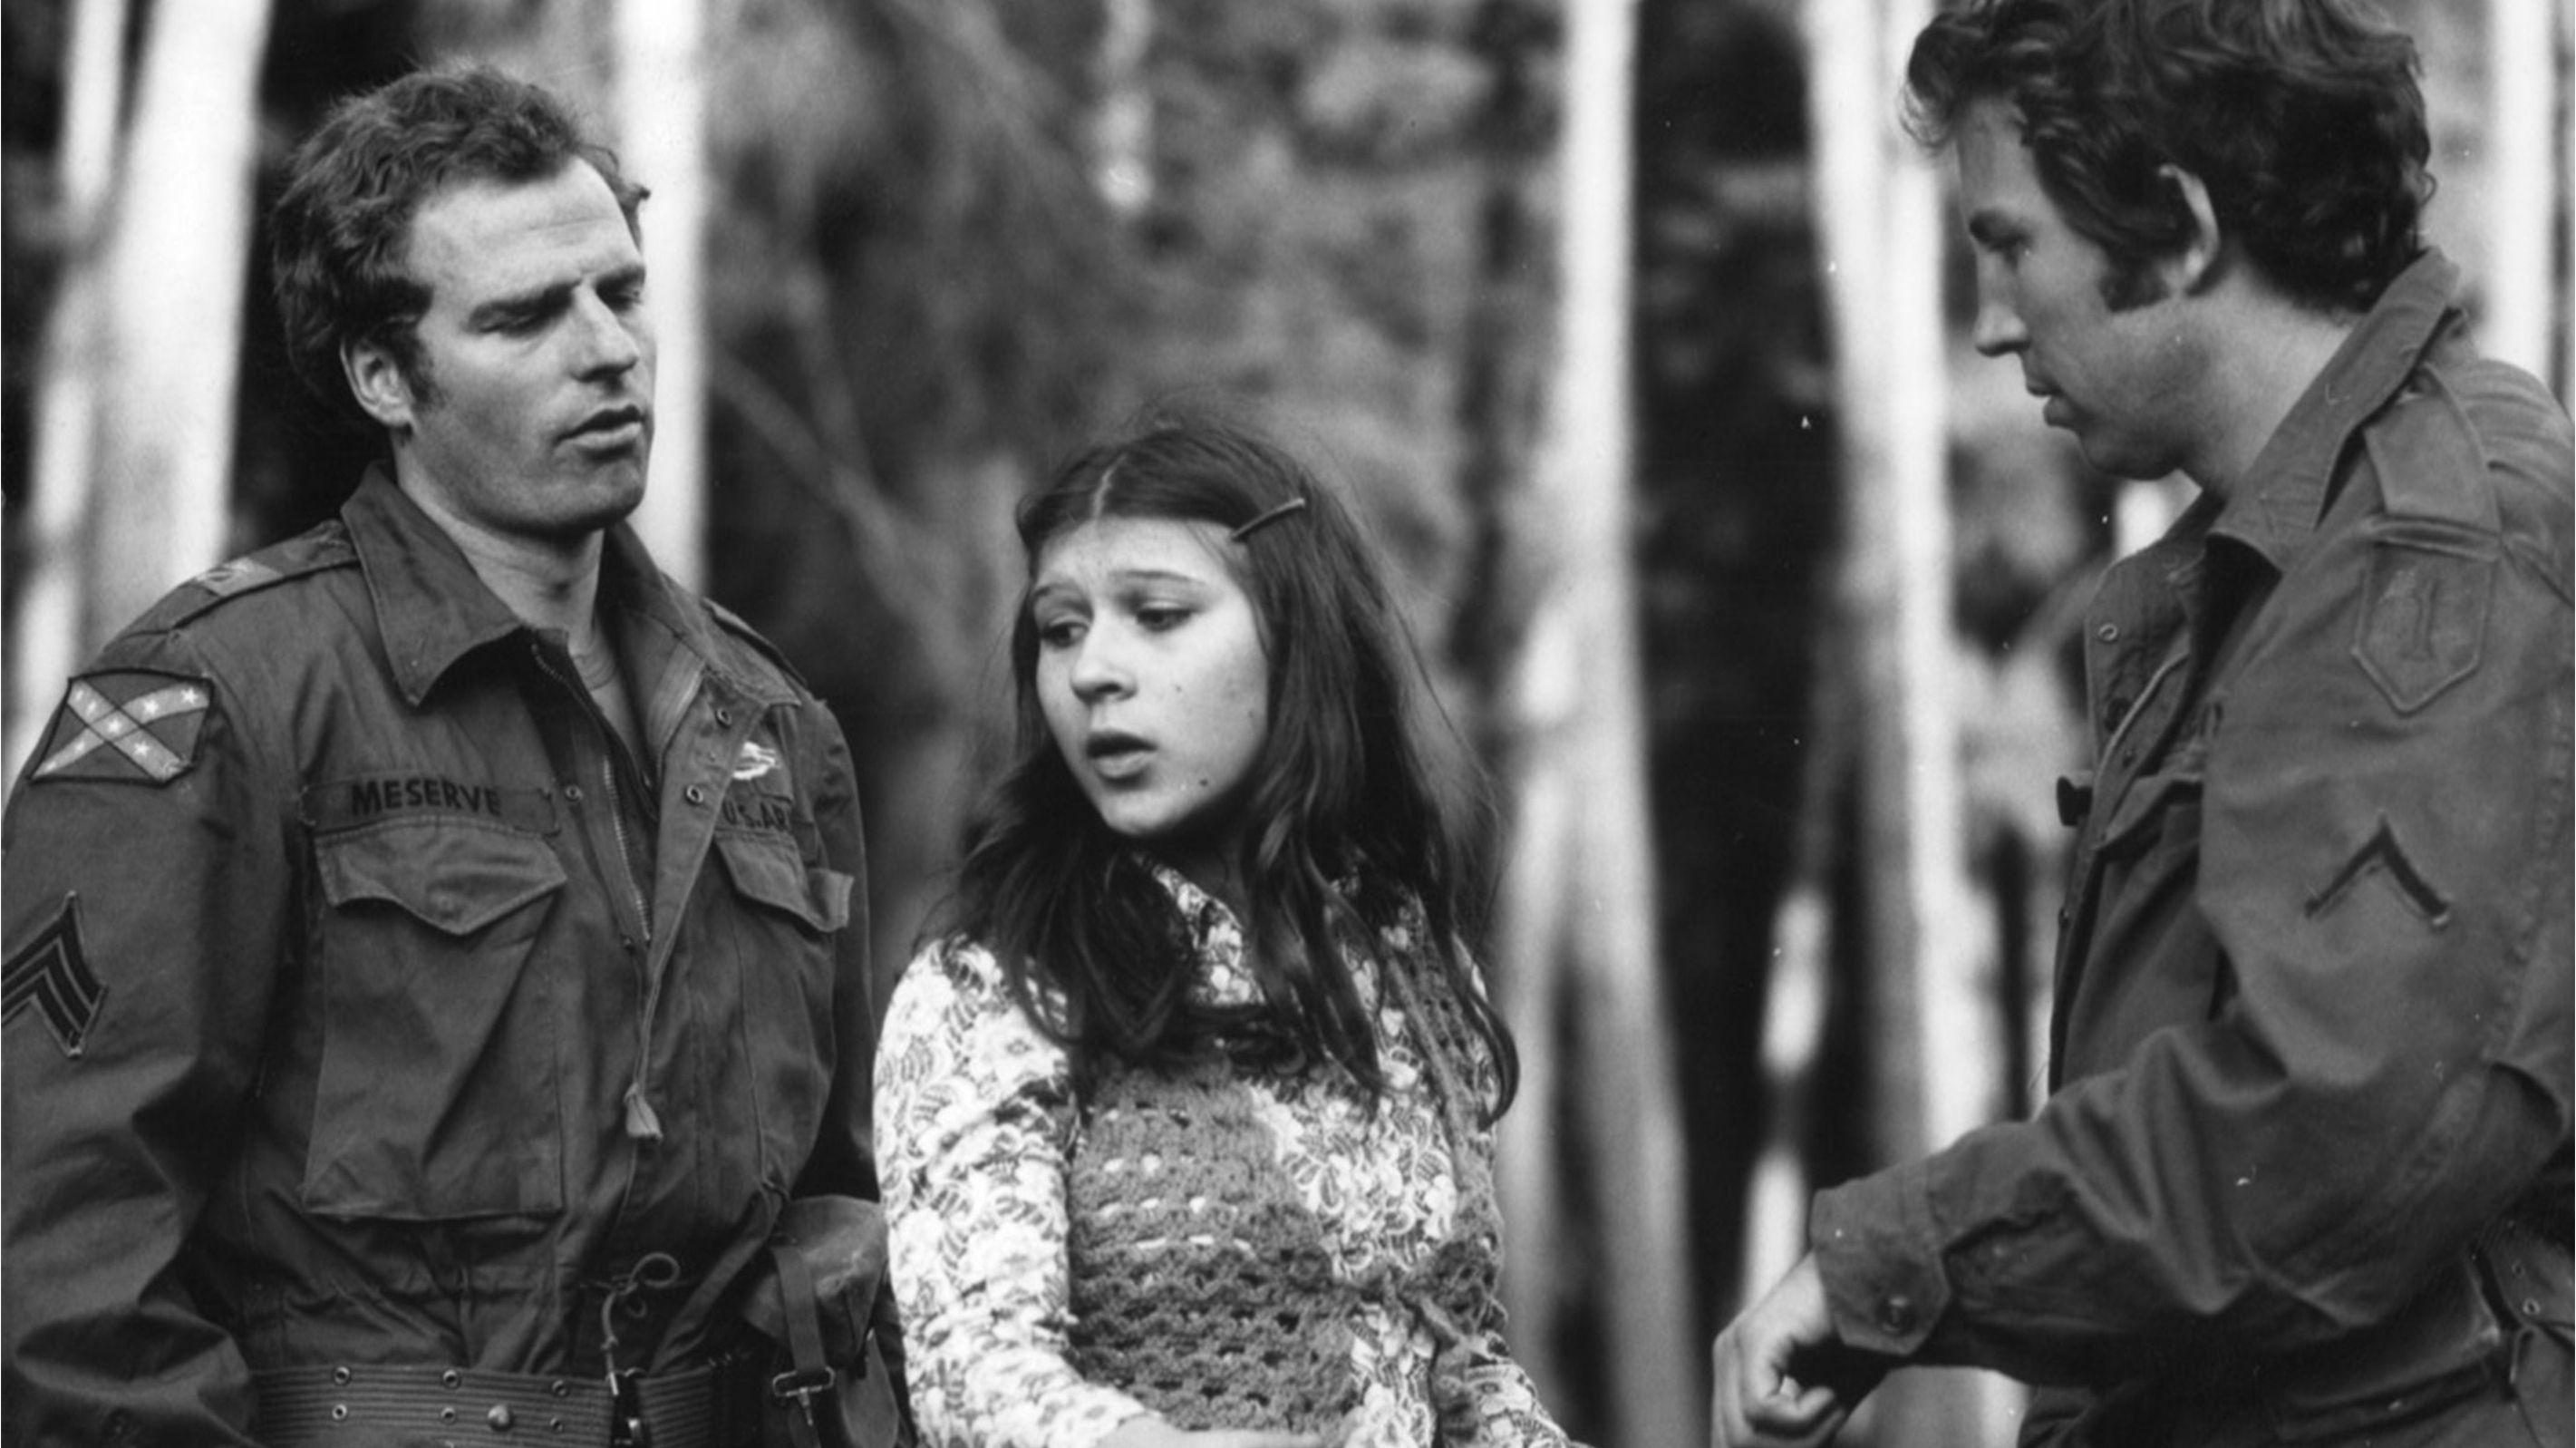 """Szene aus dem Film """"o.k."""": Eine junge Frau steht zwischen zwei Männern in Uniform."""